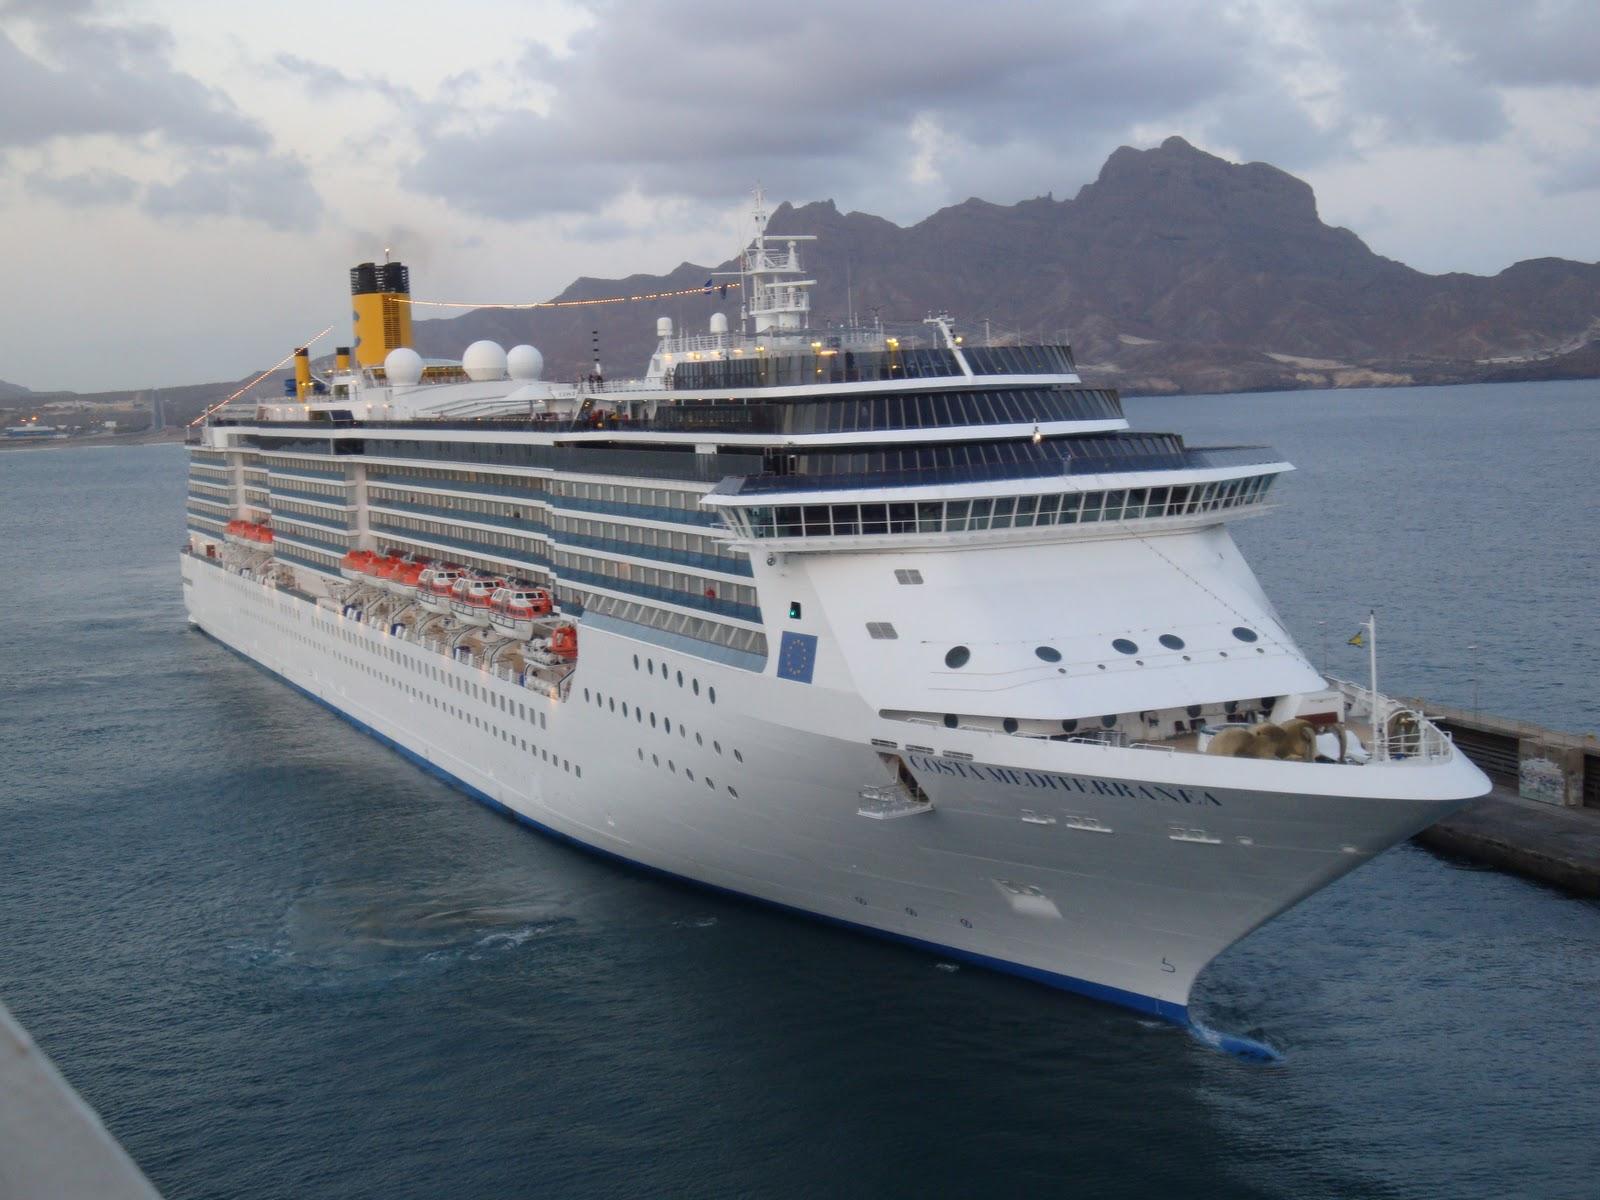 Brasile con costa magica pazzo per il mare cruise magazine for Costa magica immagini